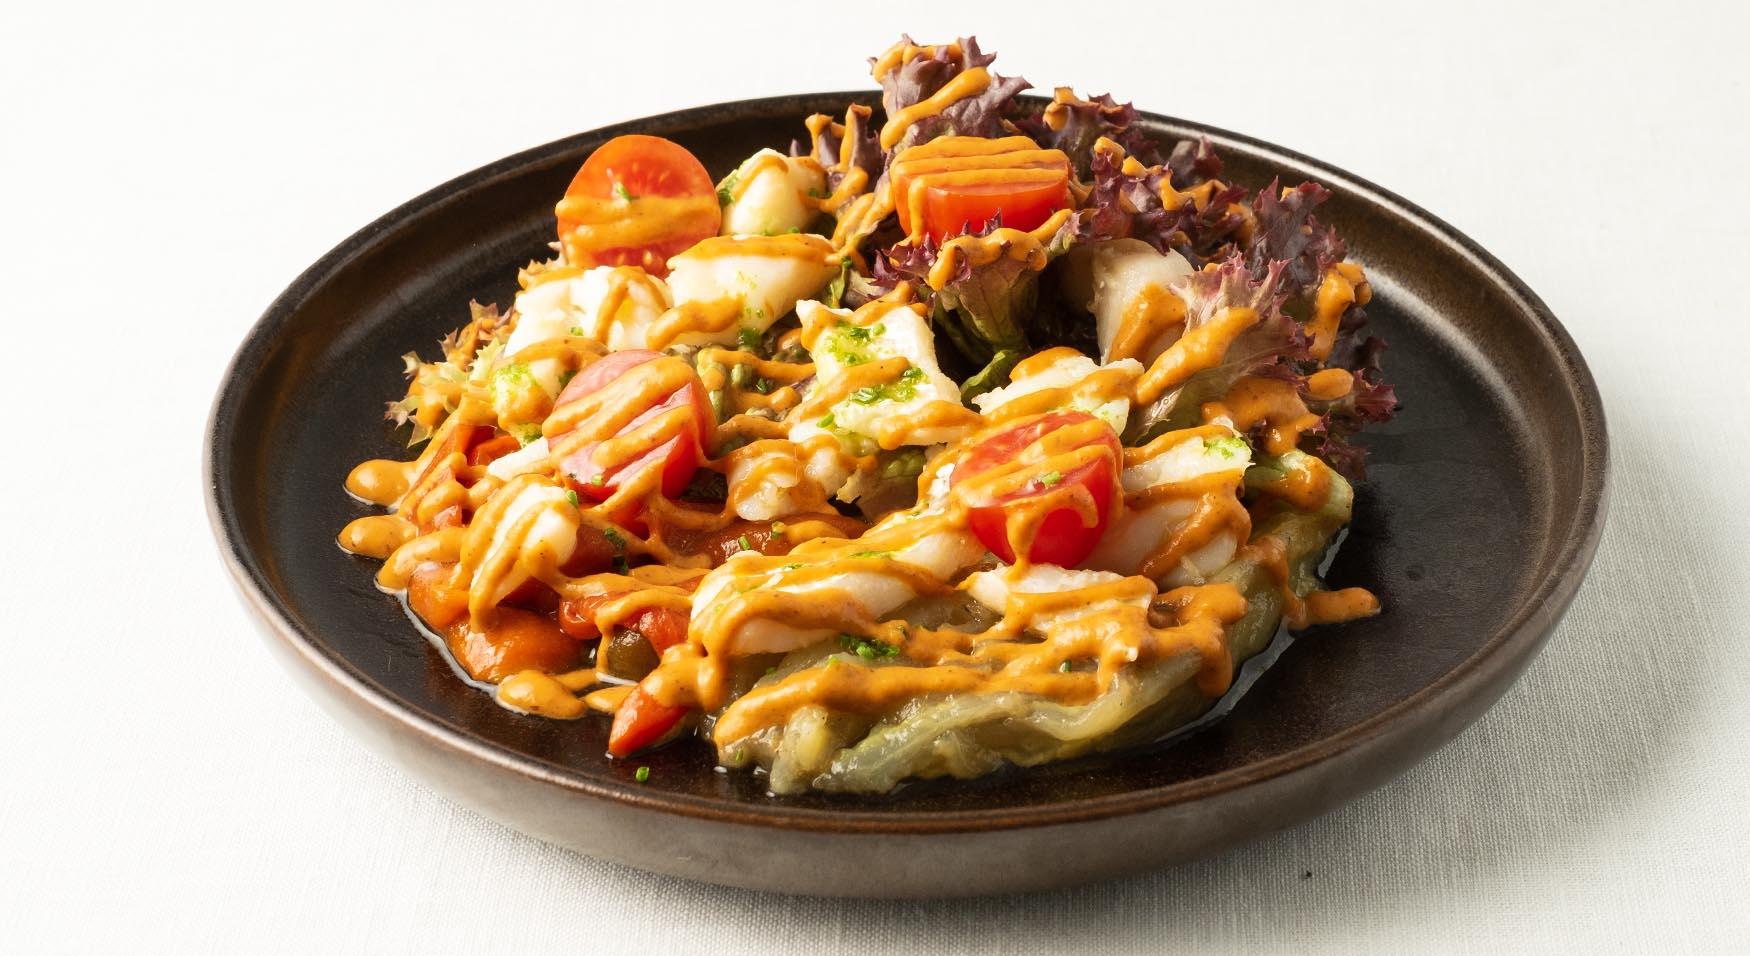 Ensalada de bacalao esqueixado, pimiento y berenjena asada aliñados con romesco